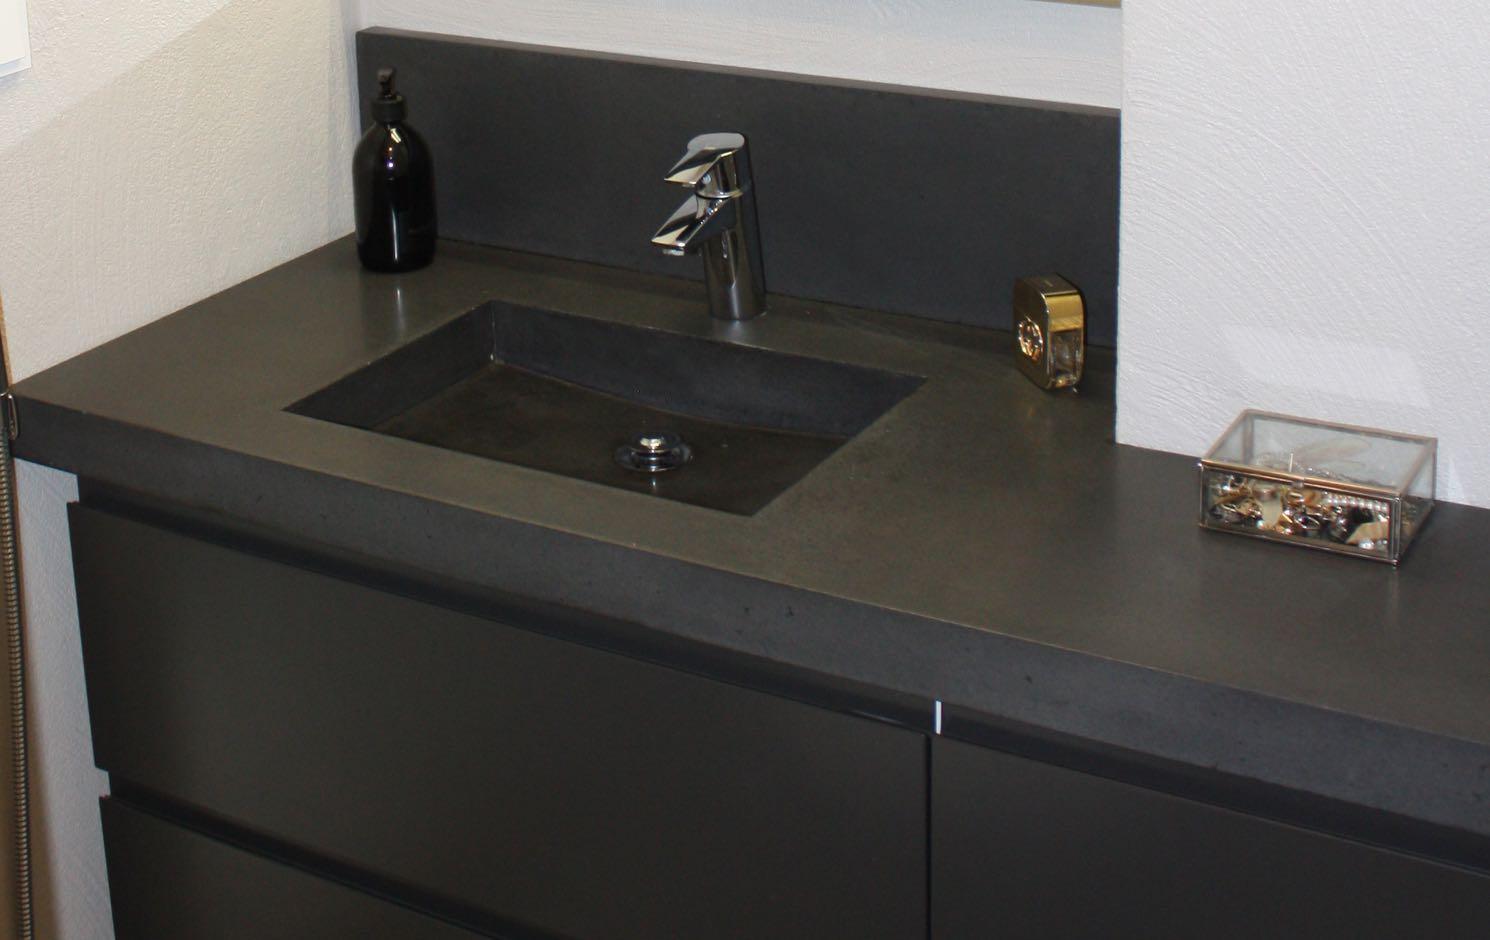 Sisustusbetoni Oy » 22 Kylpyhuoneen tasot ja WC altaat betonista